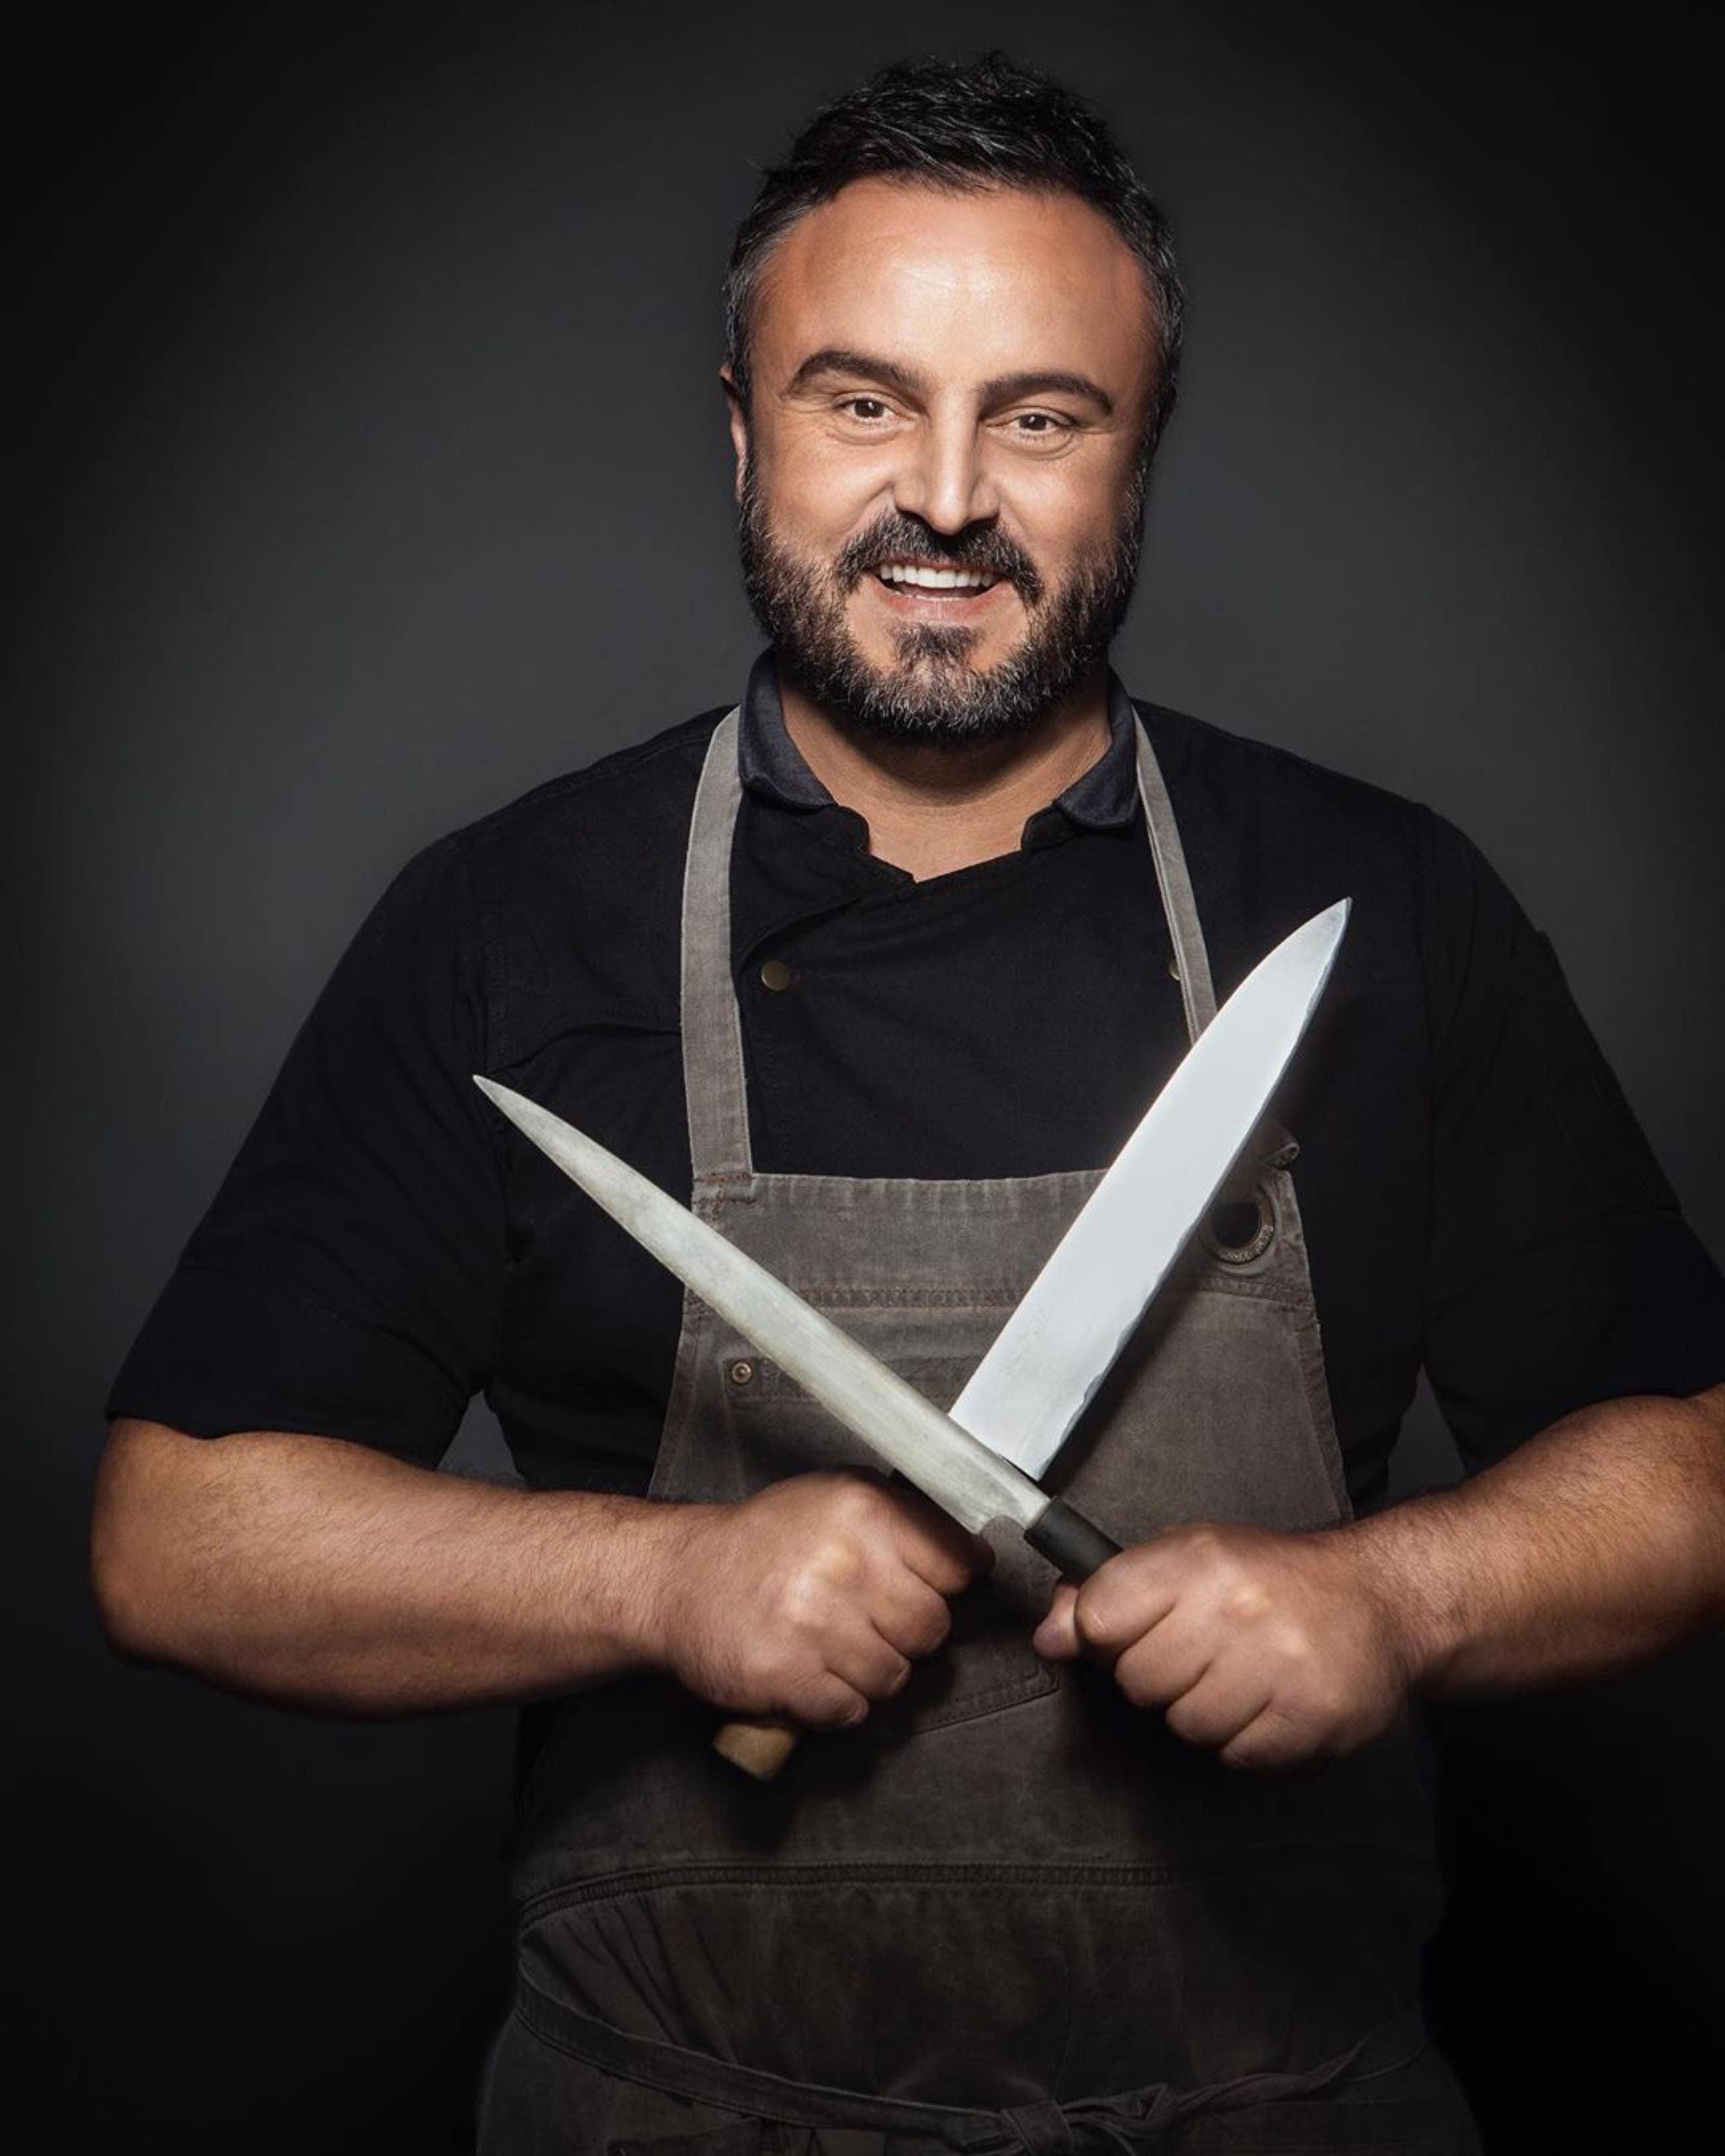 Chef Brendan Collins at Fia Restaurant in Santa Monica